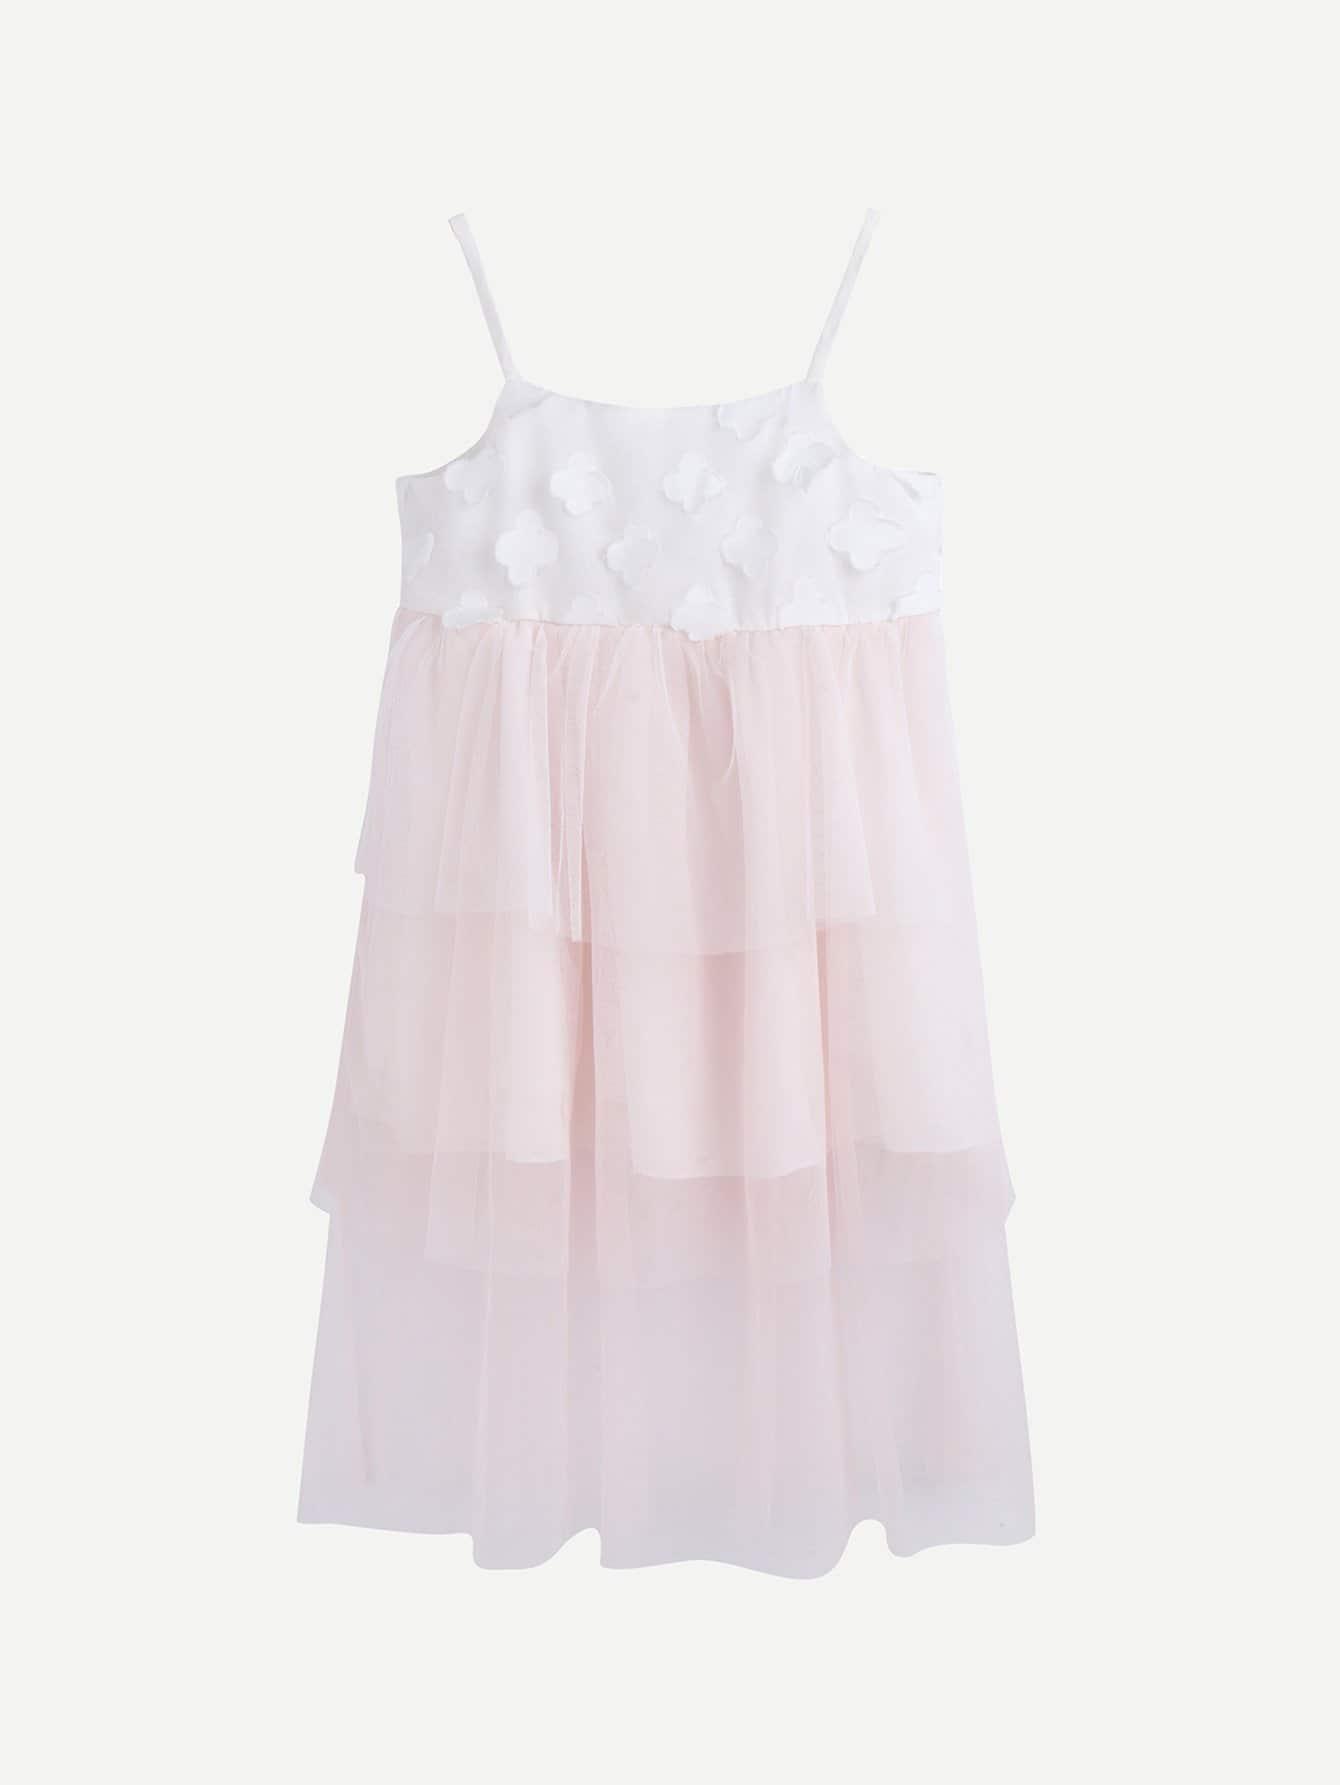 Купить Платье детской контрастной сетки Tiered Cami, null, SheIn